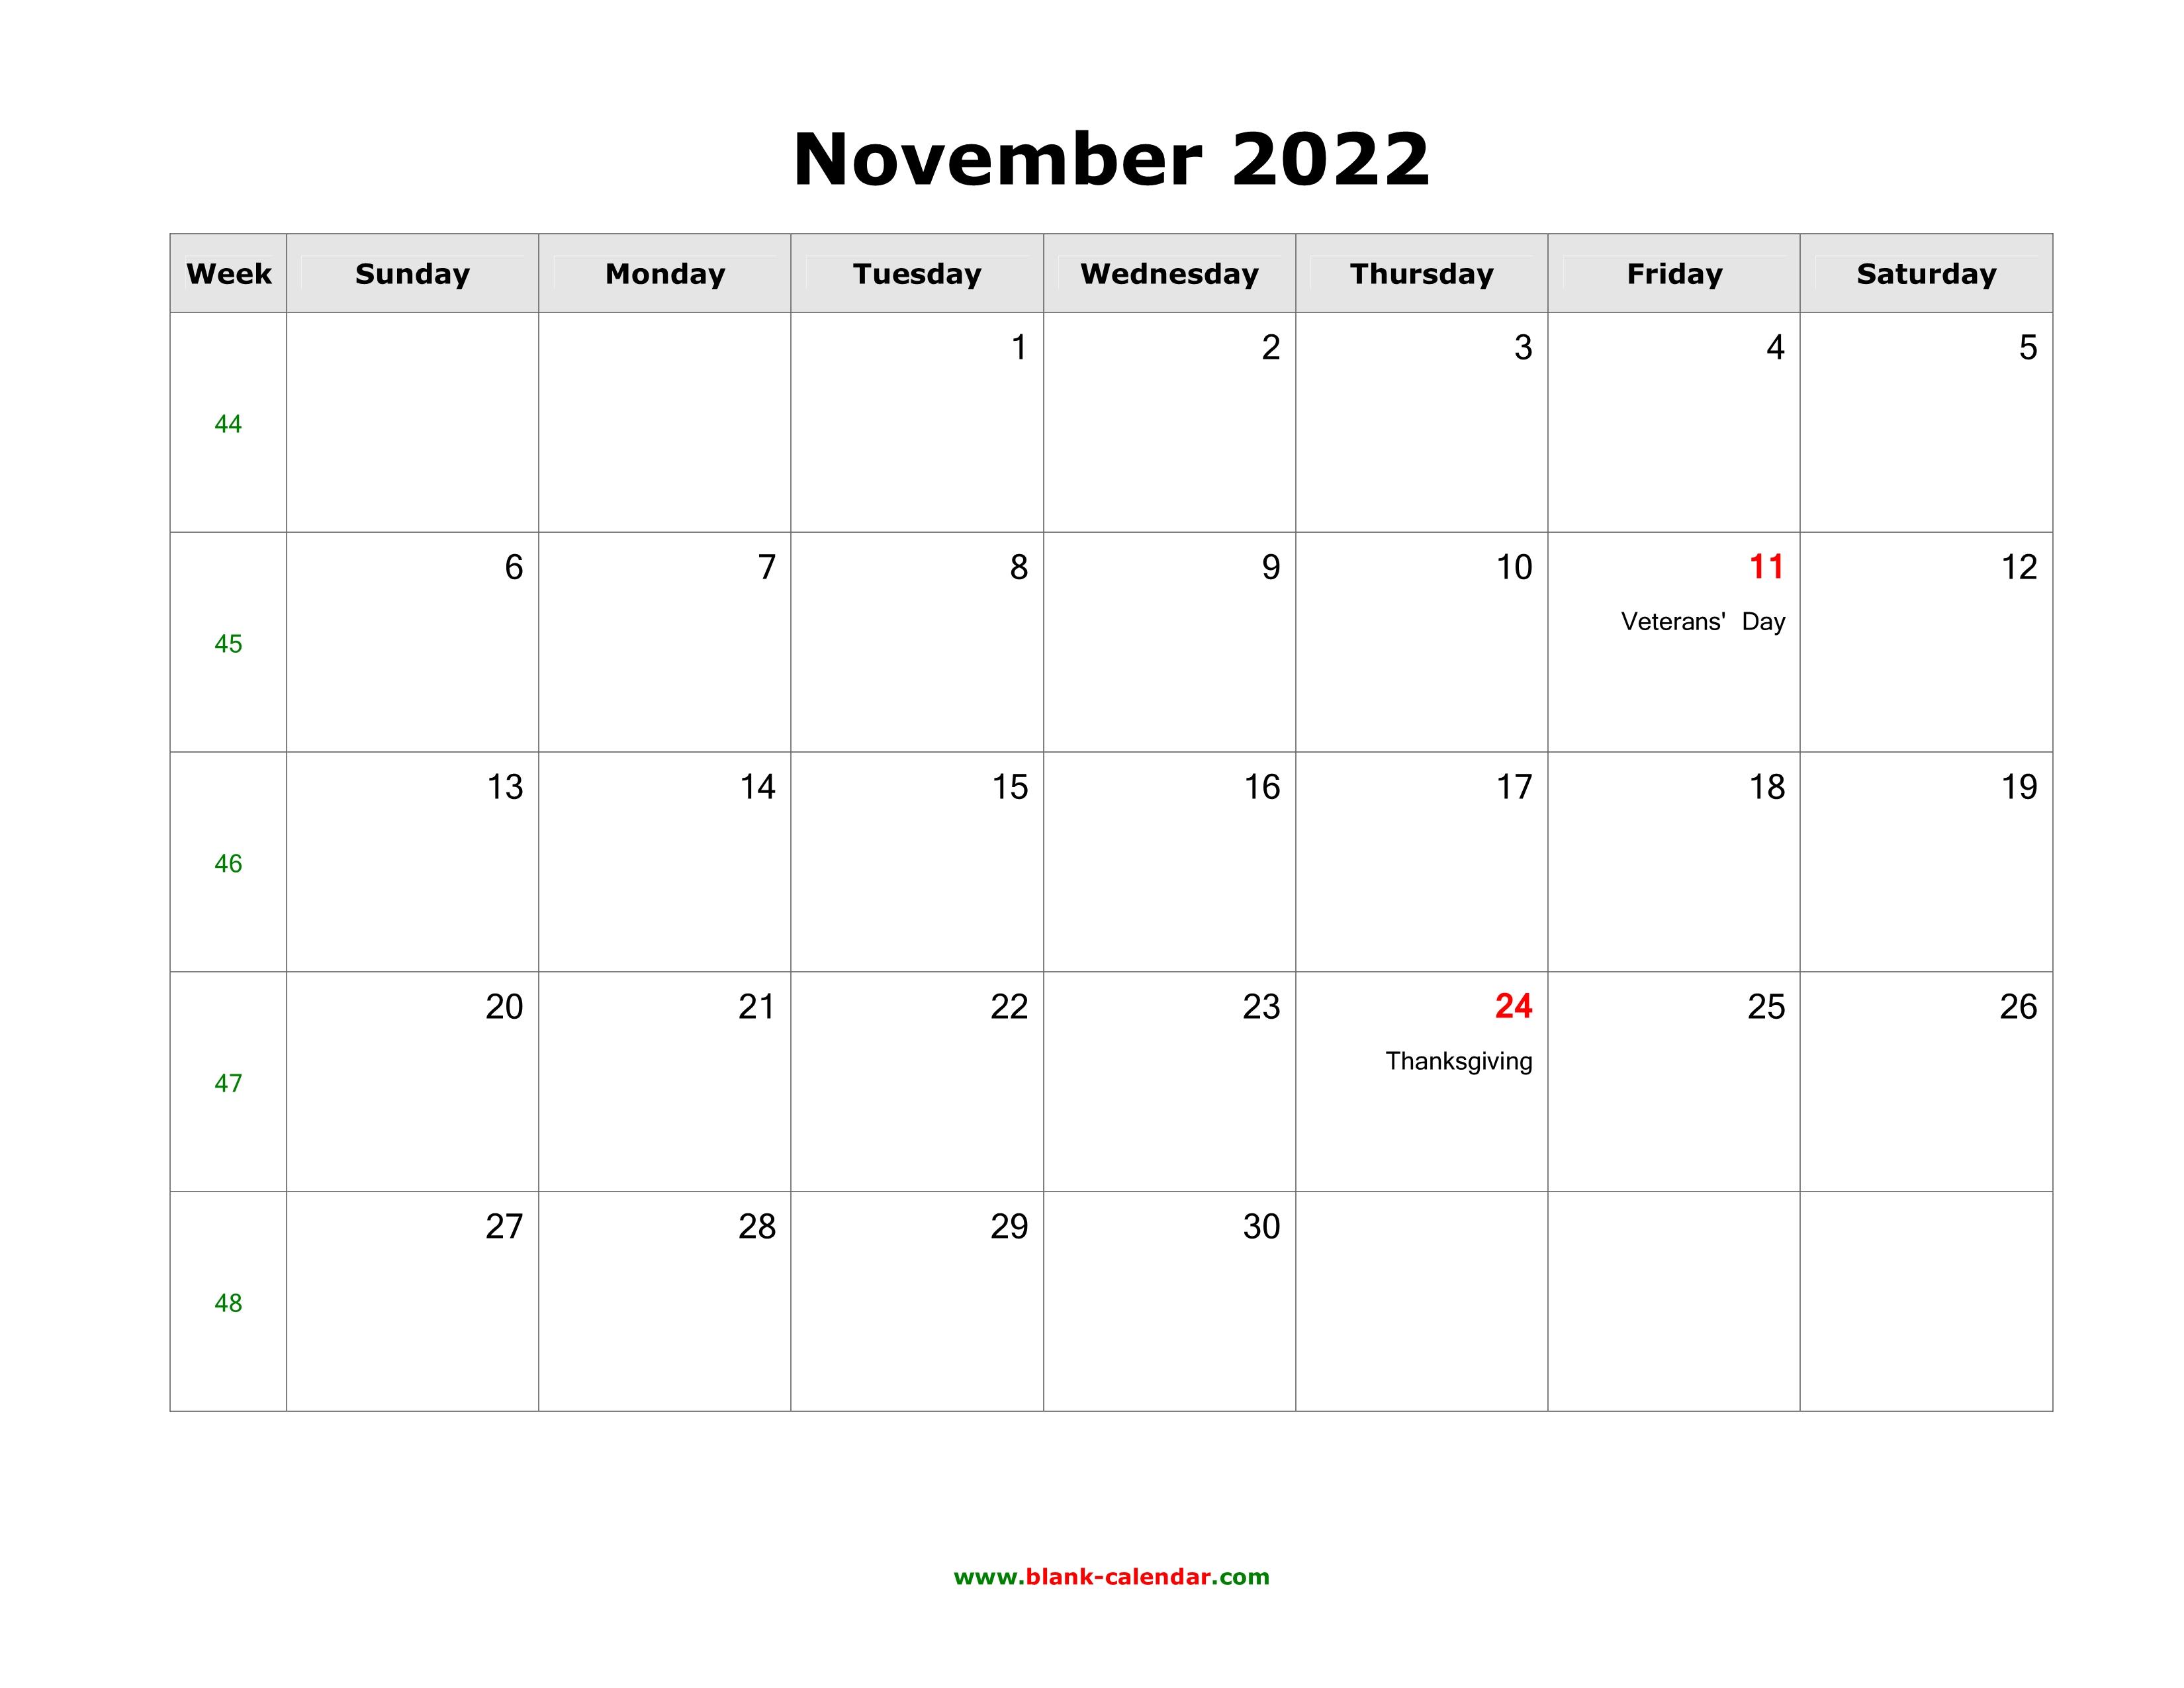 Printable November 2022 Calendar.November 2022 Blank Calendar Free Download Calendar Templates